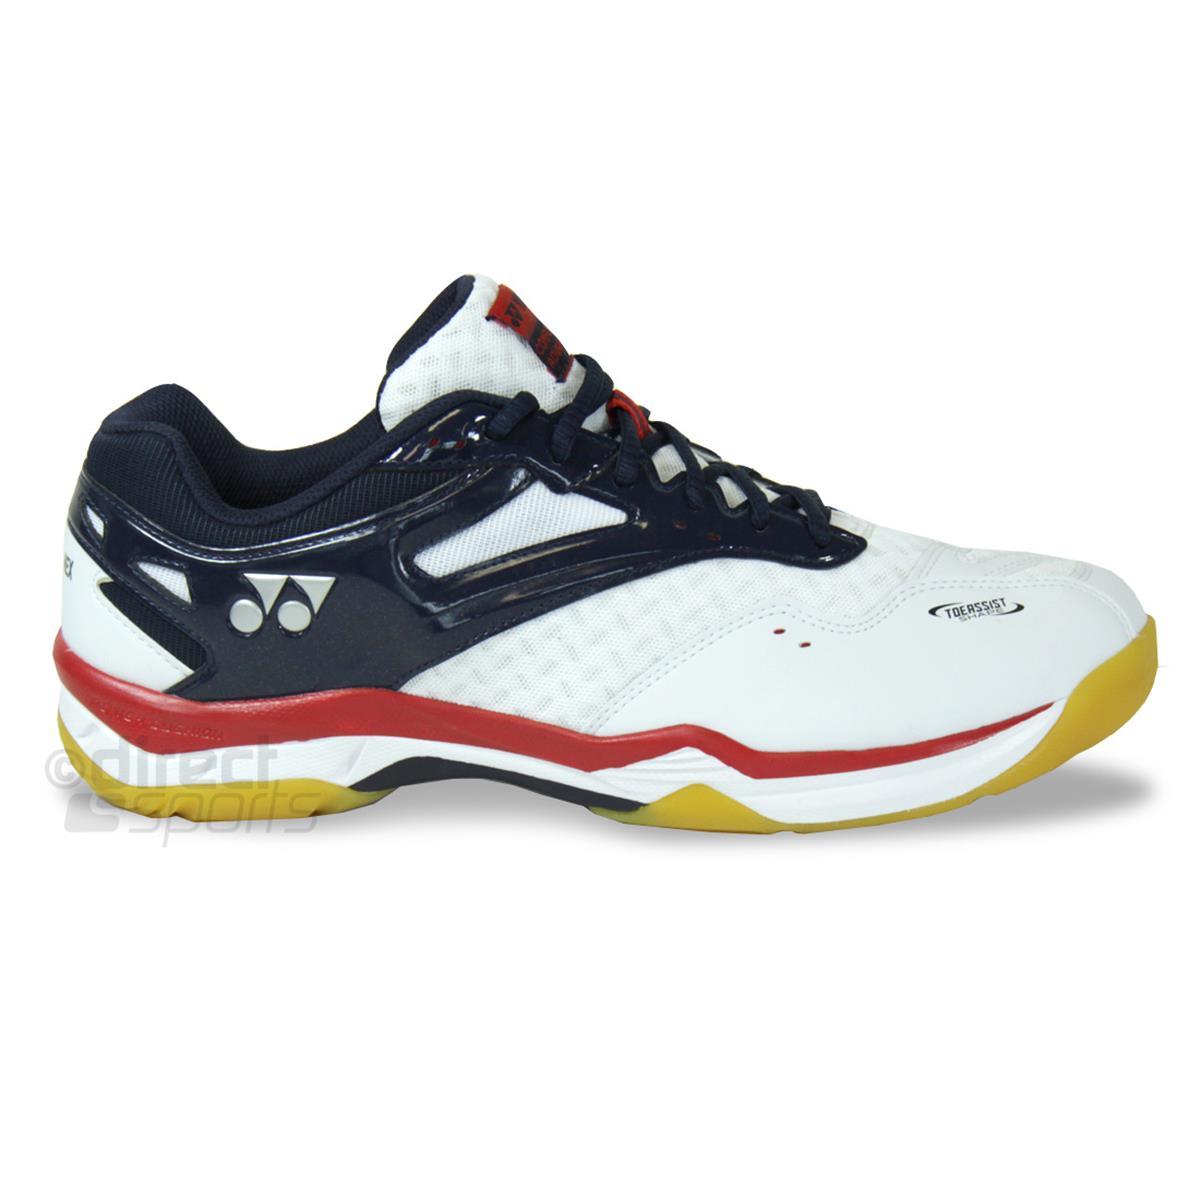 d3242e68264 Yonex Power Cushion 35 Junior Badminton Shoes, Shoe Size- 2 UK best ...